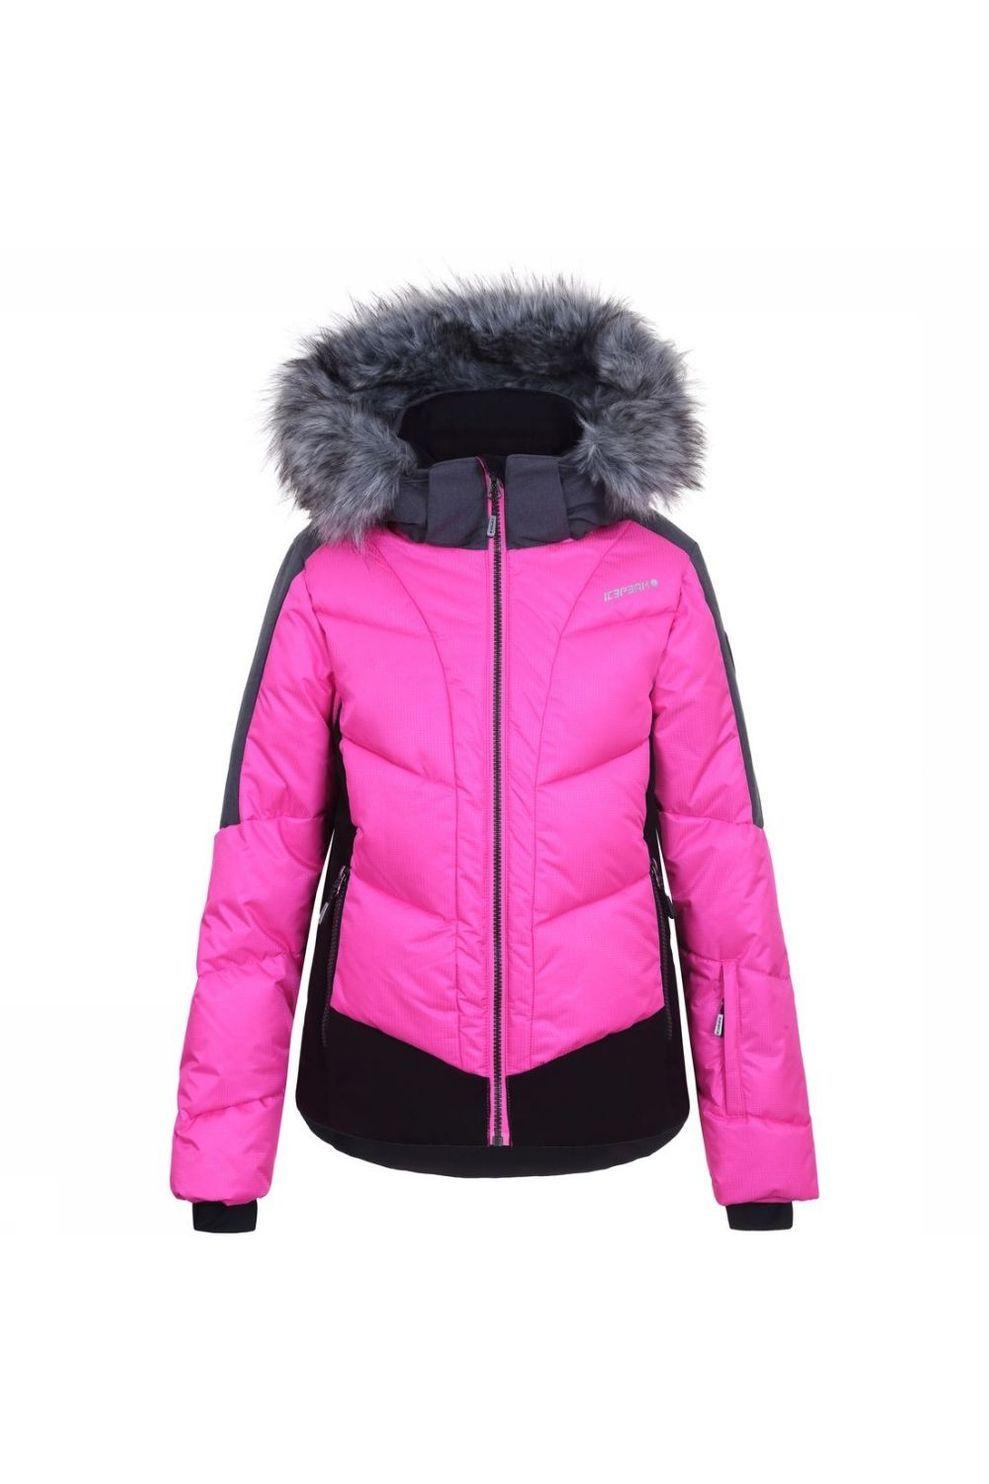 Icepeak Jas Leal Jr voor meisjes - Roze - Maten: 140, 152, 176